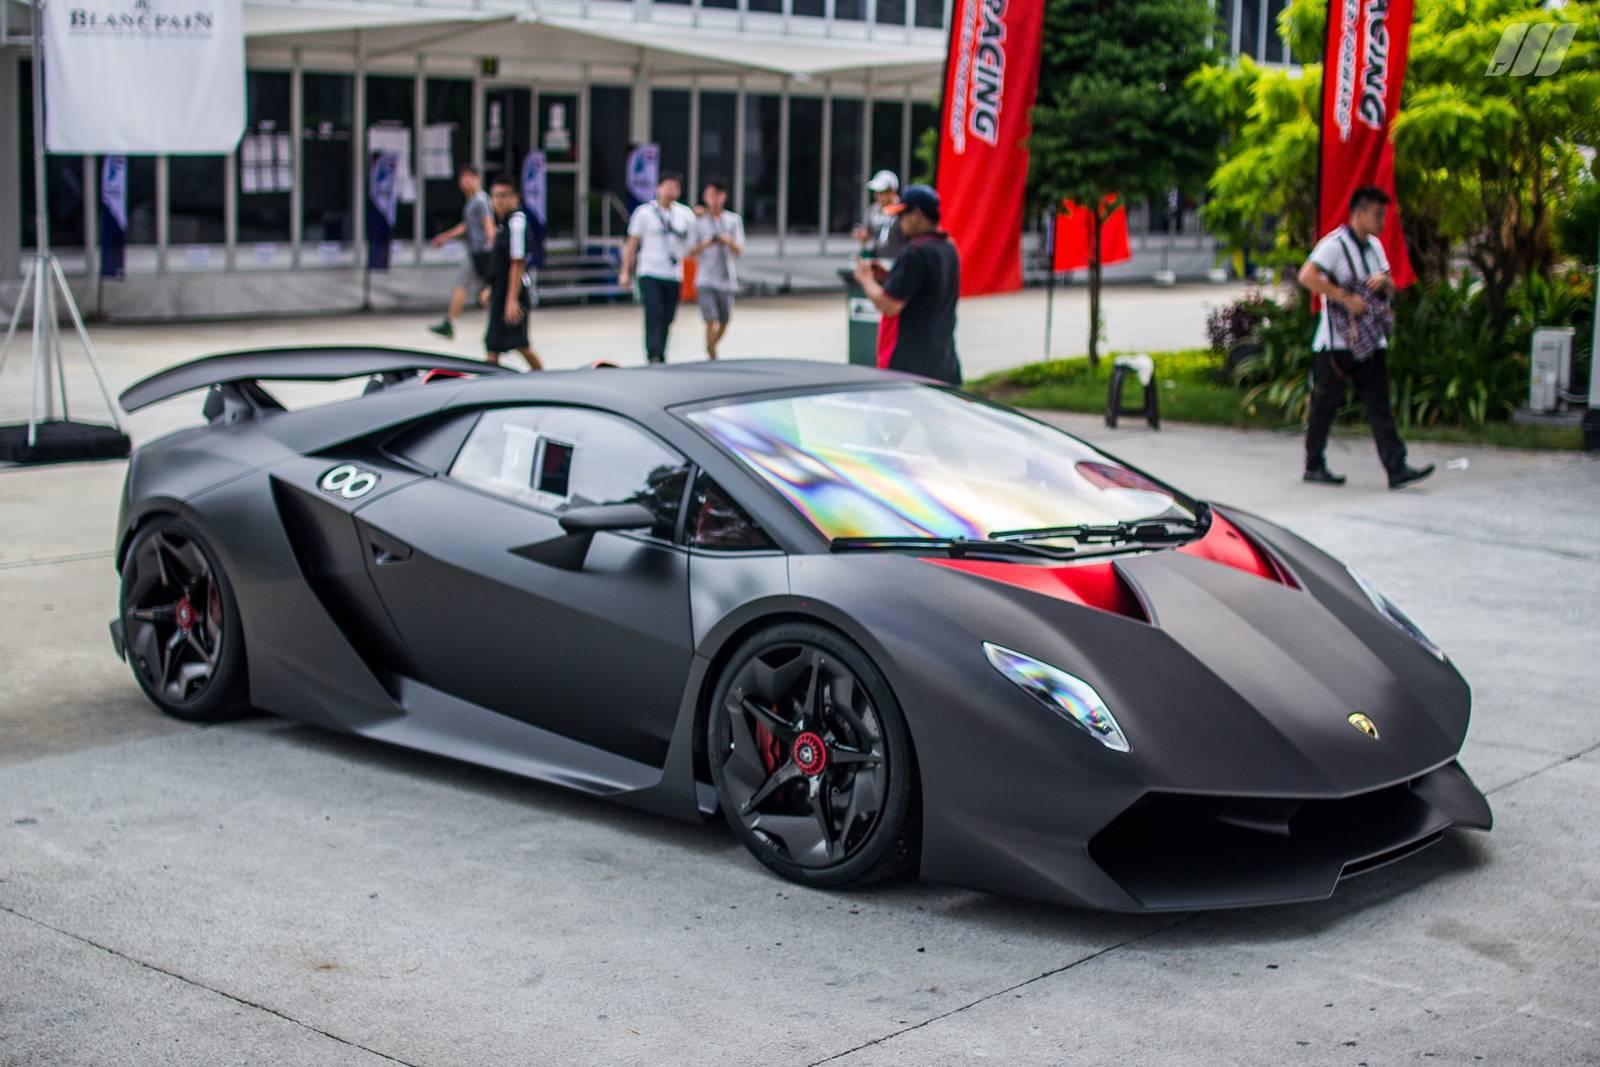 2011 Lamborghini Sesto Elemento Concept Review - Top Speed |Lamborghini Sesto Elemento Speed